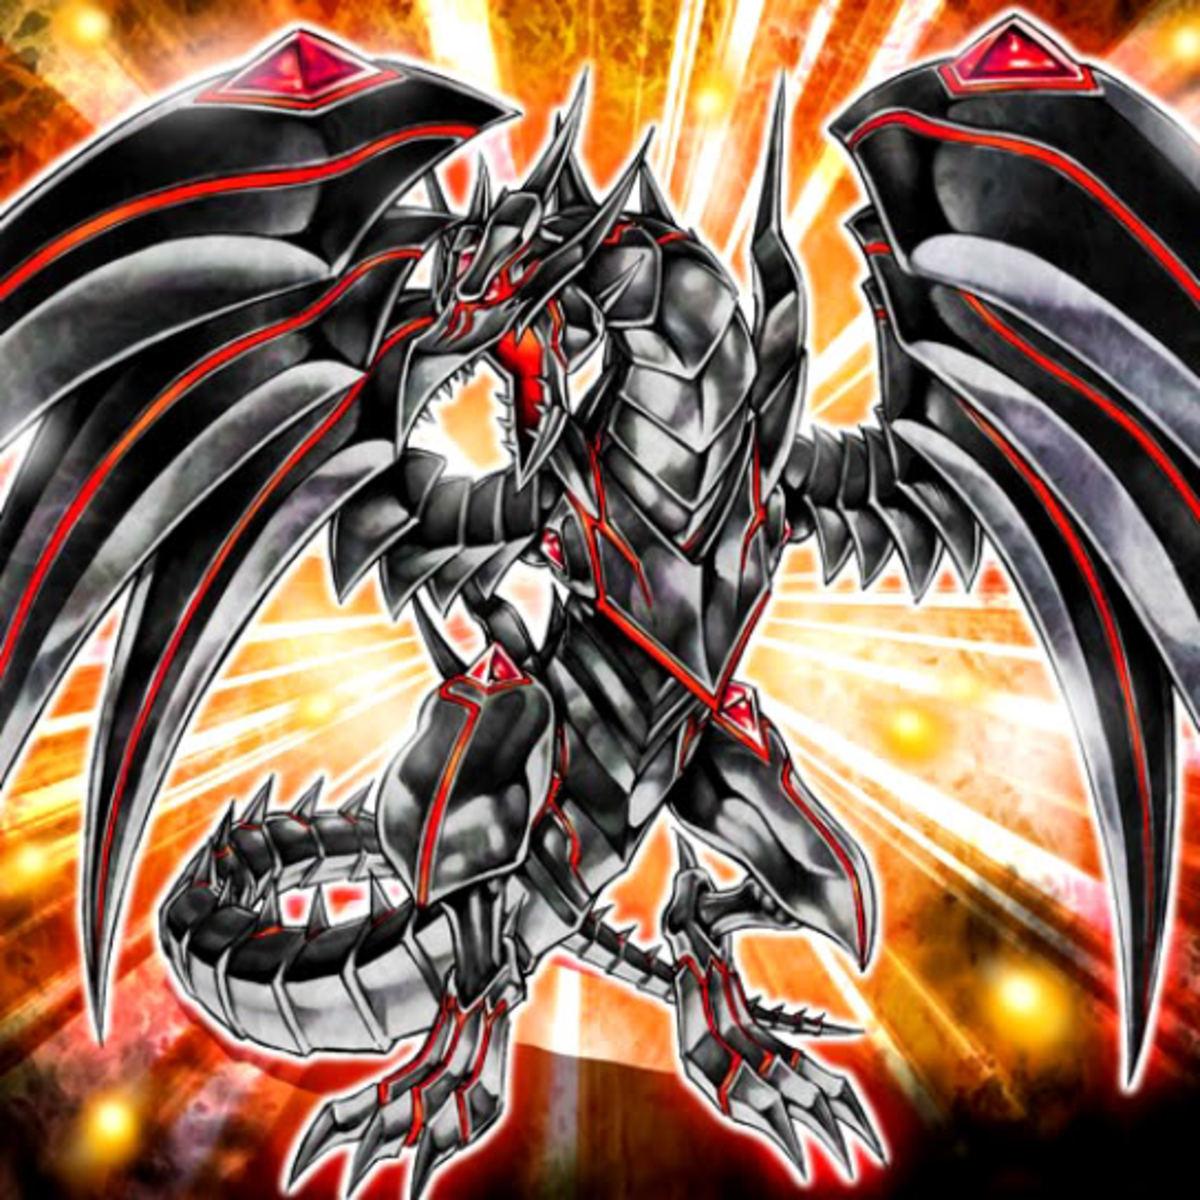 Red Eyes Darkness Metal Dragon